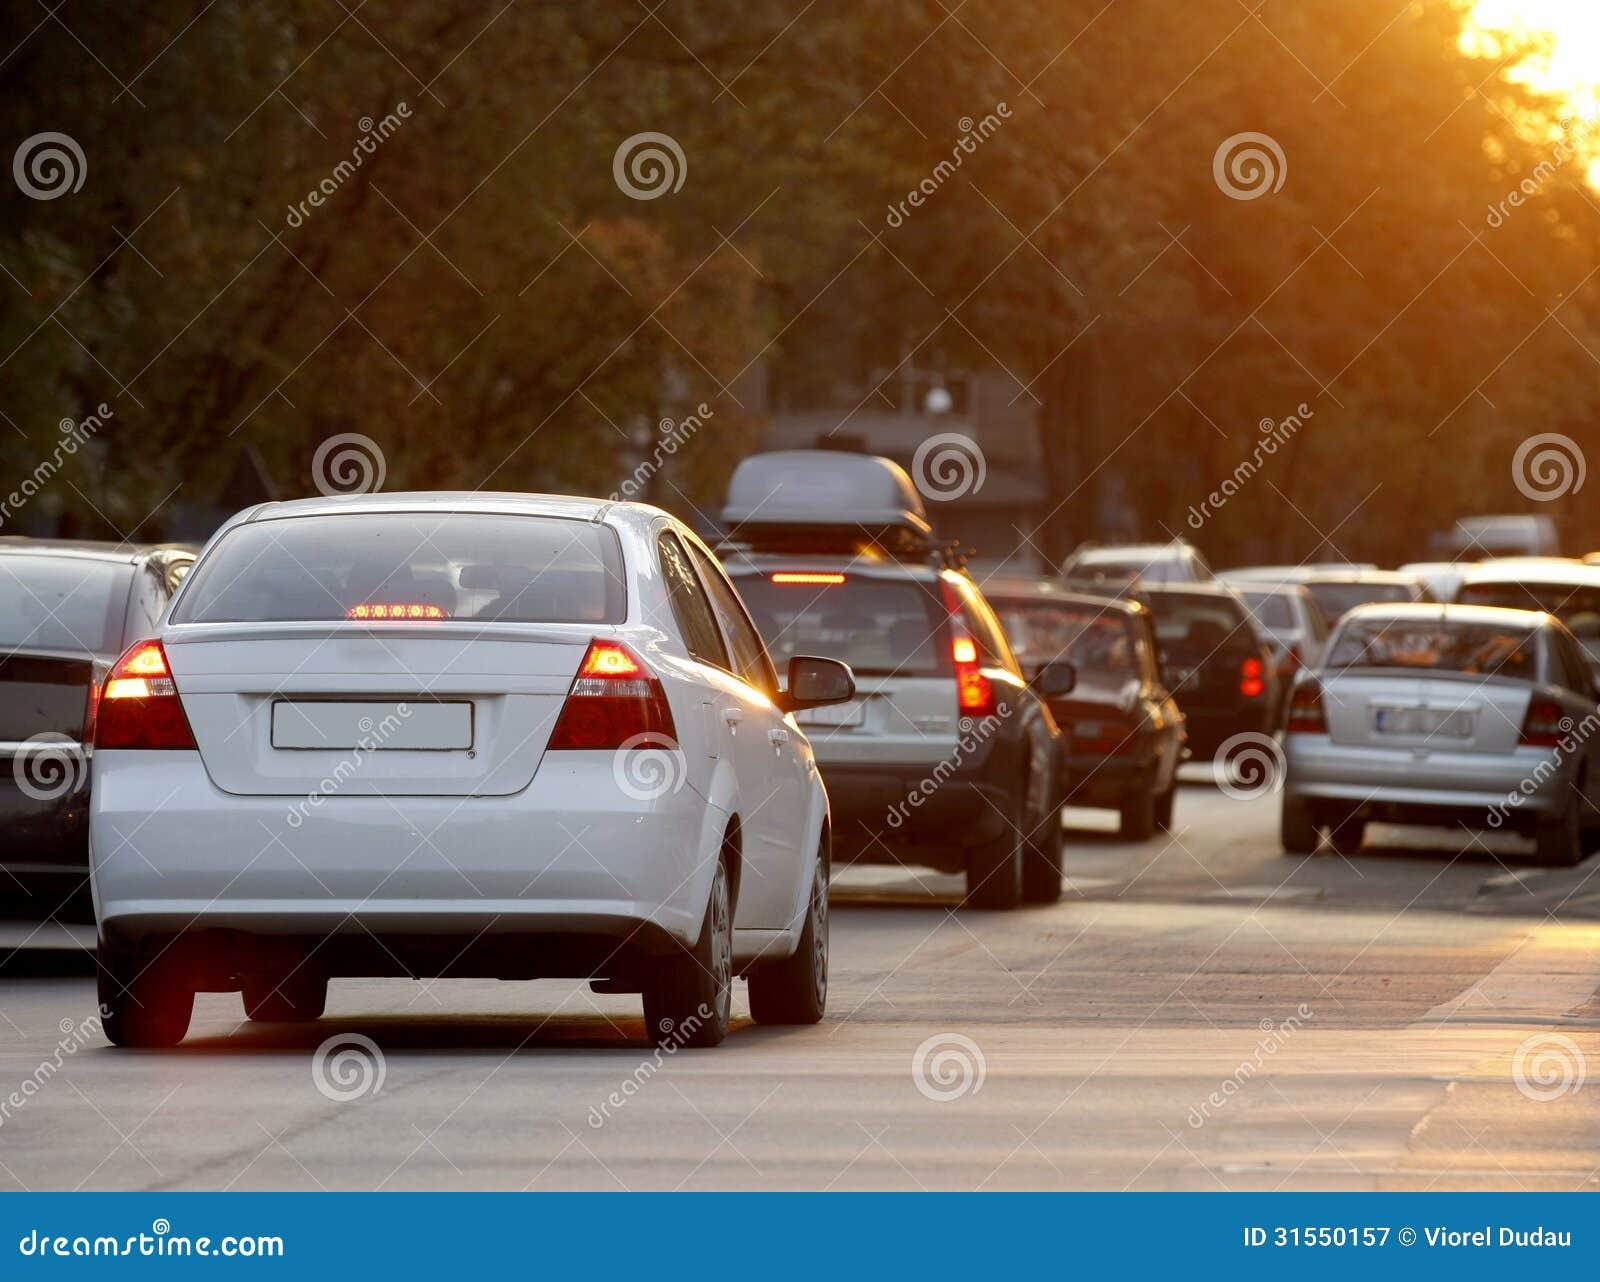 Tung trafik i morgonen